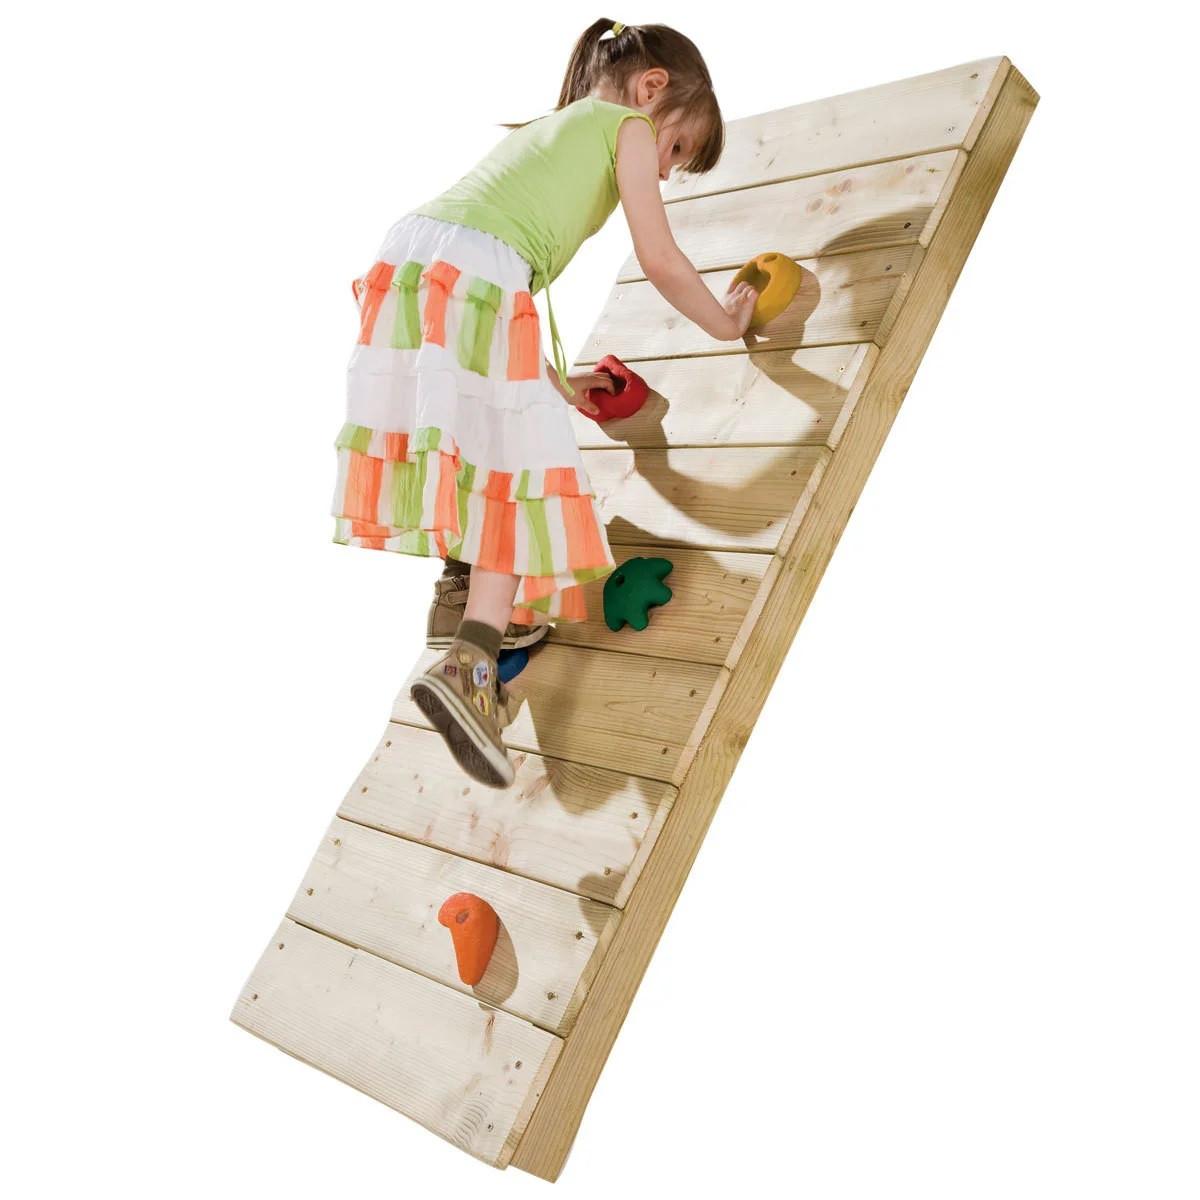 Набор зацепов для детского скалодрома 5 штук размер L  (Скалодром детский большой)